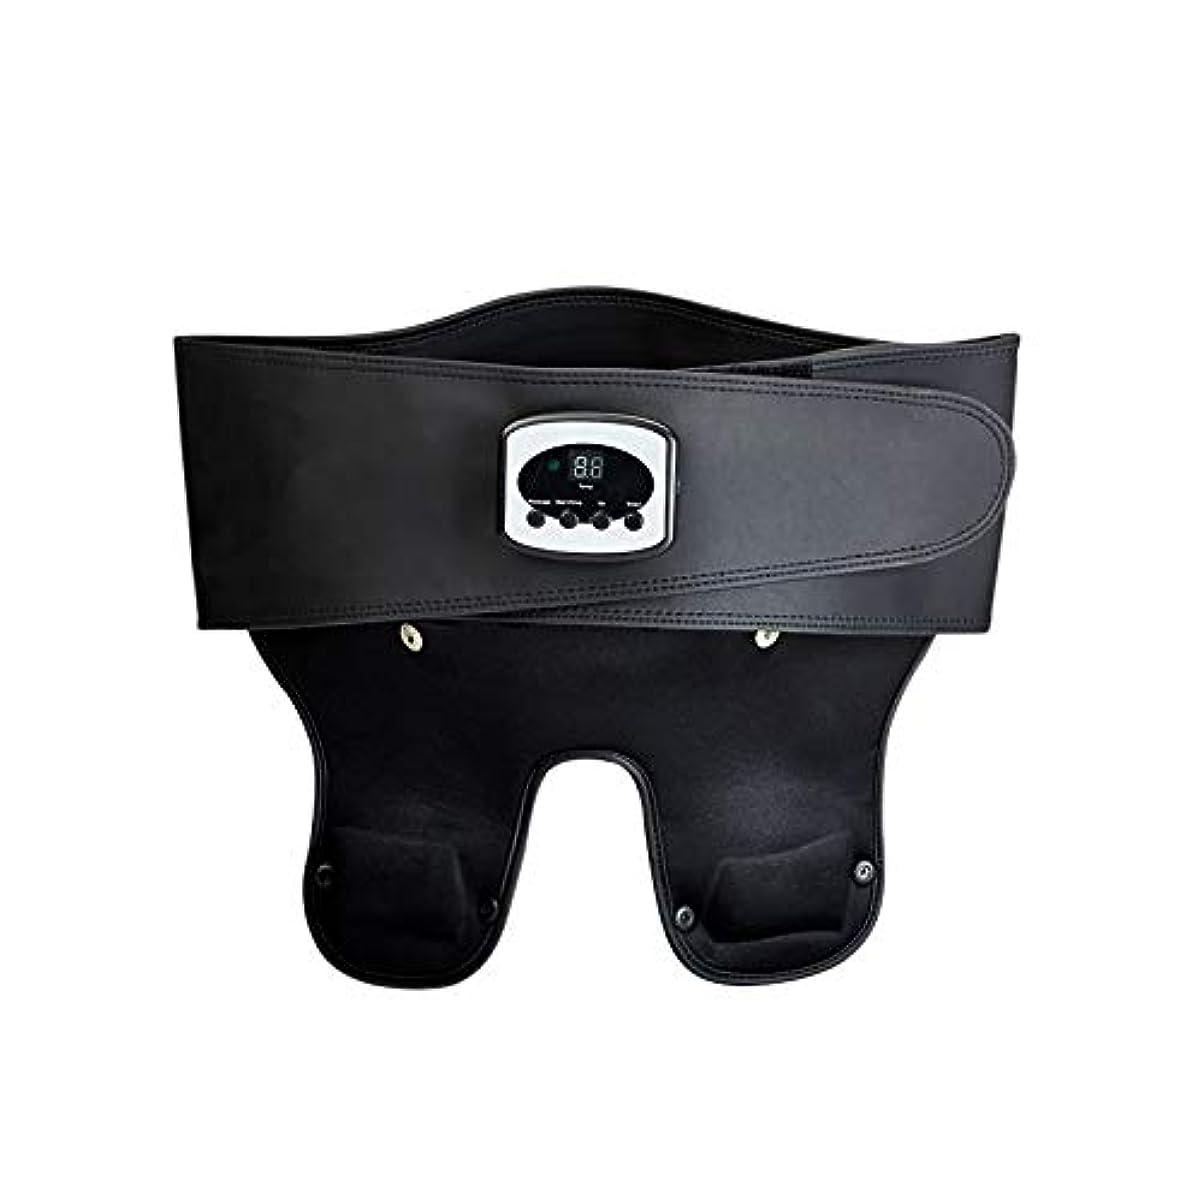 可決干渉古くなったHealthy Waist Massager - Heat Conductor, Infrared Lights, Vibration Massage, Adjustable Temperature